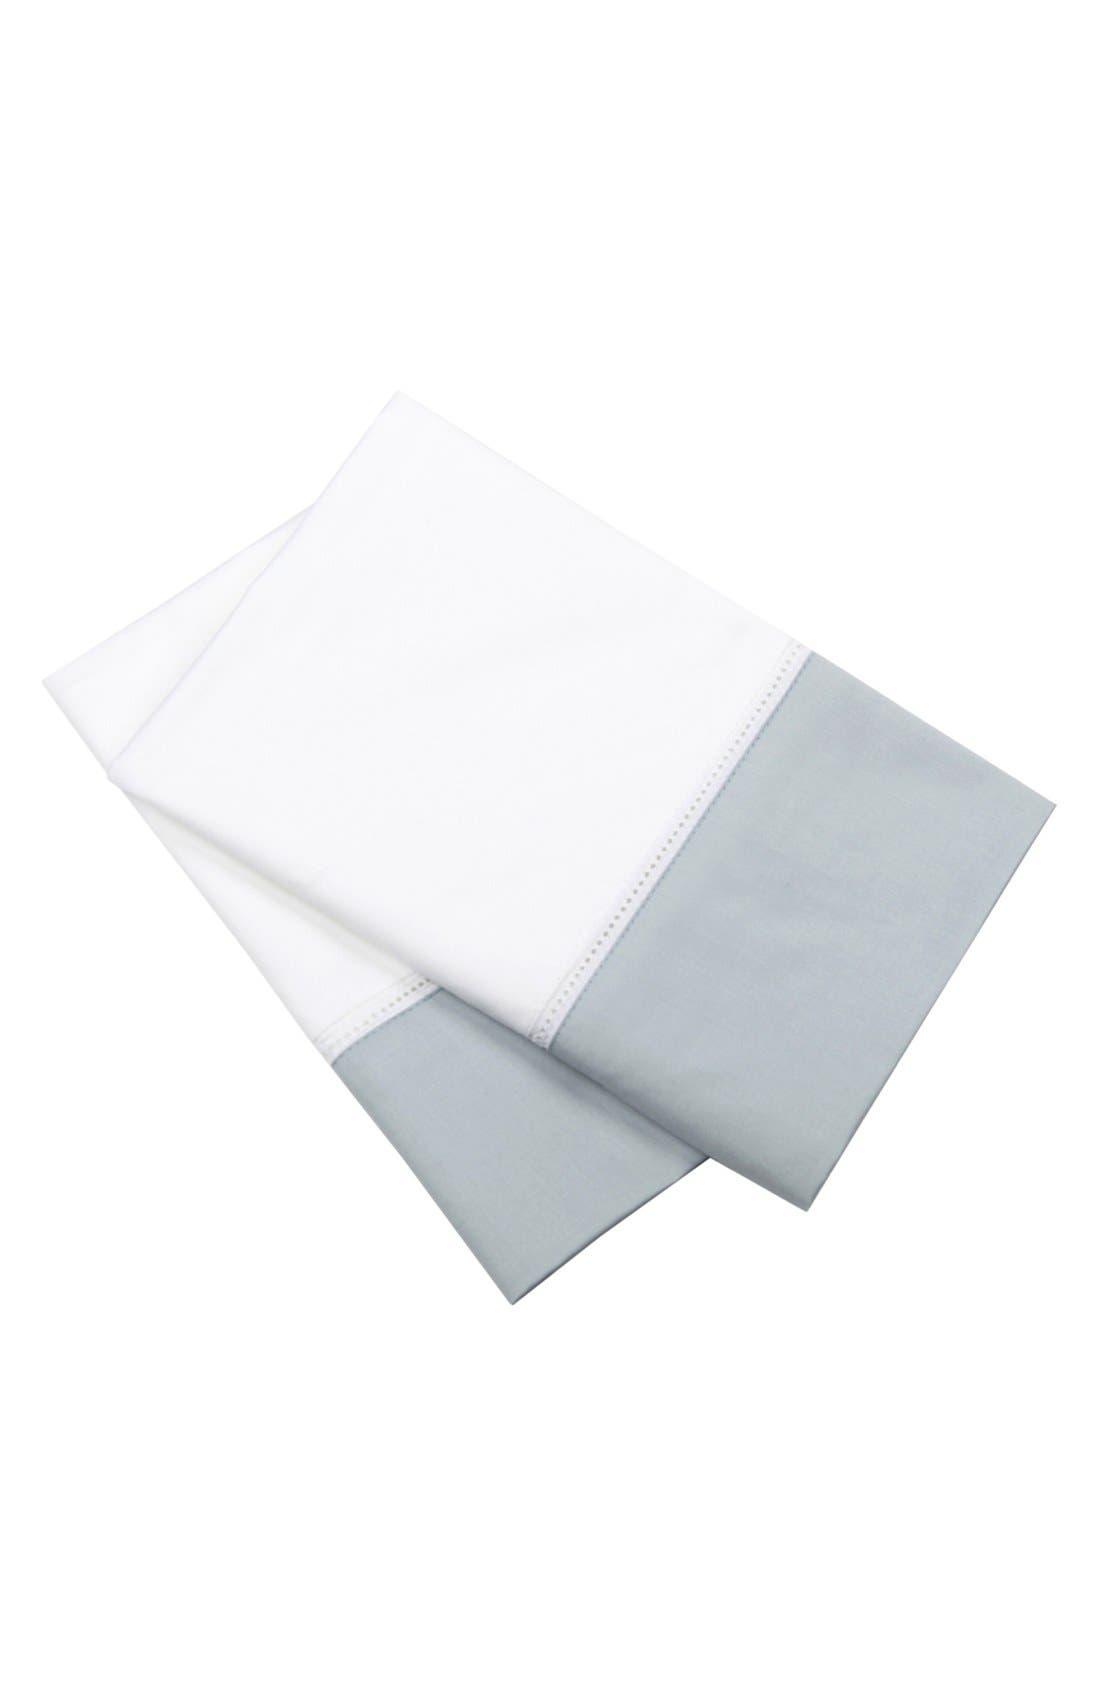 Alternate Image 1 Selected - Blissliving Home 'Mayfair White' Cotton Sateen Standard Pillowcase